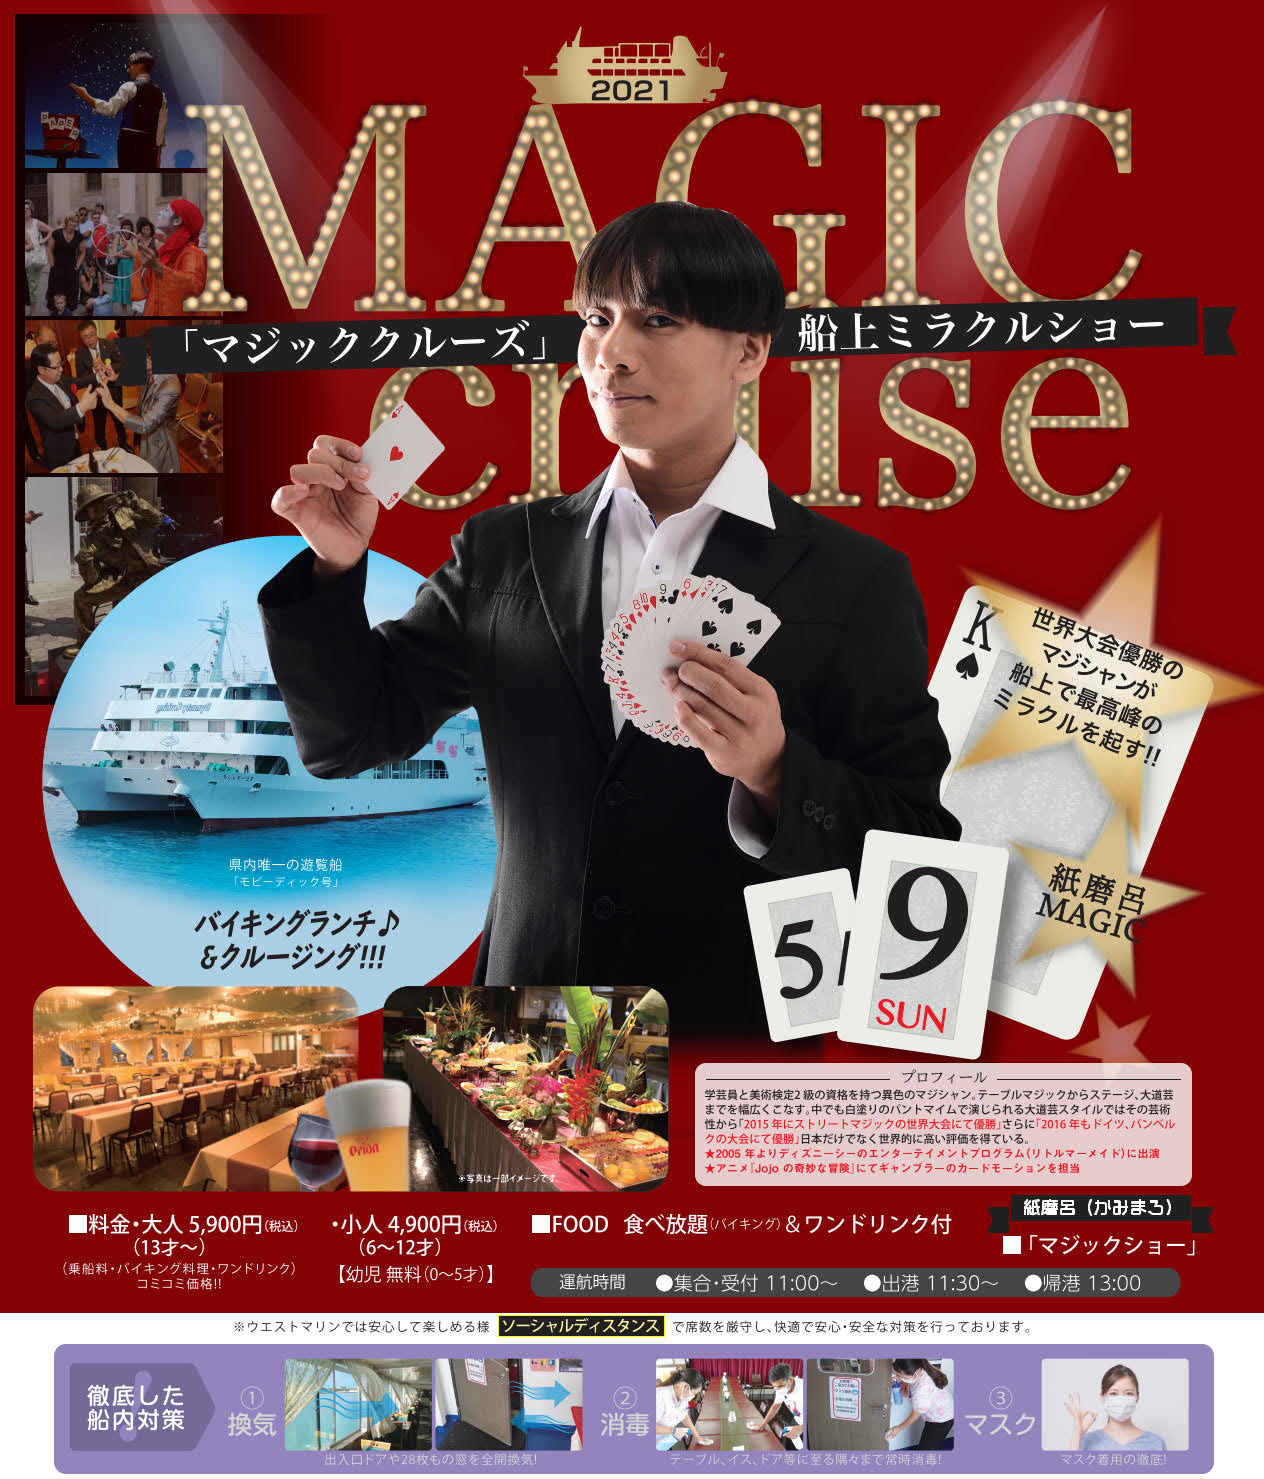 「マジッククルーズ」船上ミラクルショー(バイキング料理&ワンドリンク付)2021年5月9日(日)|沖縄 ディナークルーズ